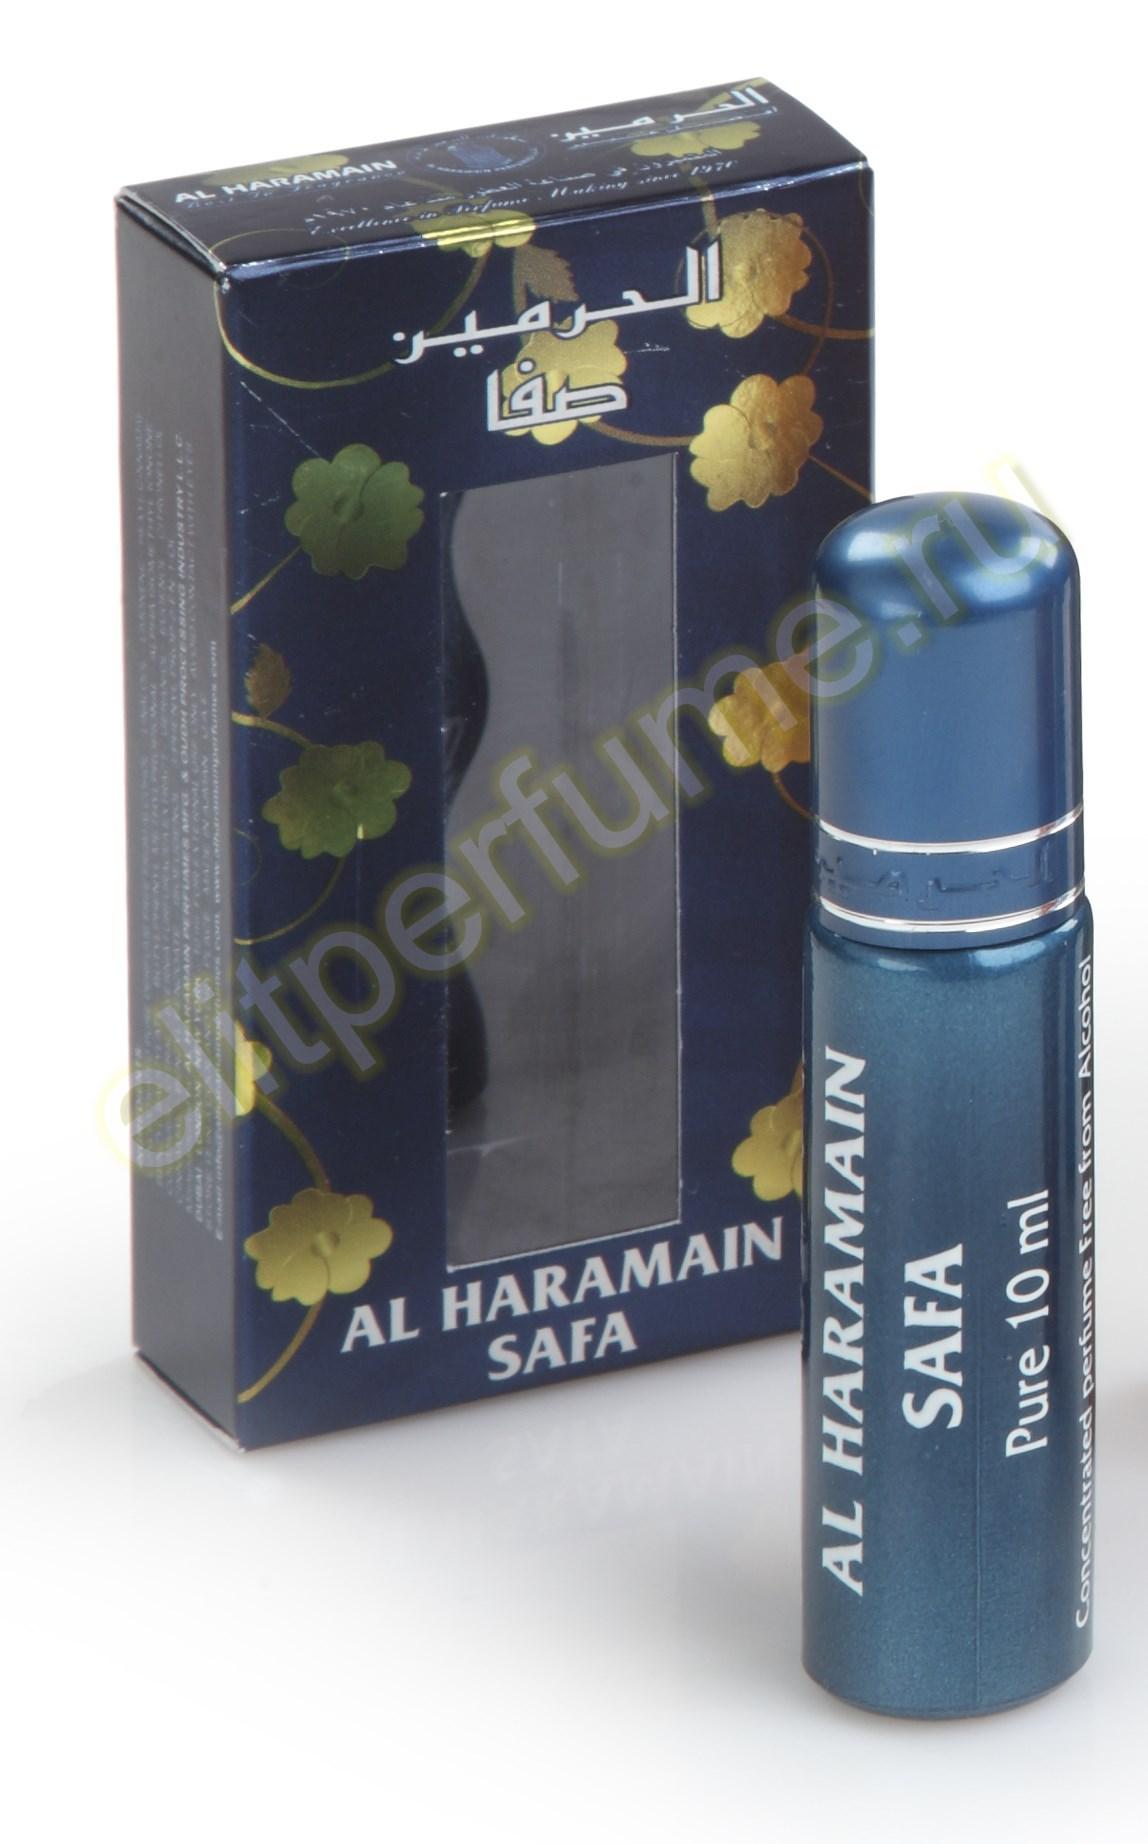 Аль-Харамайн Сафа Al Haramain Safa 10 мл арабские масляные духи от Аль Харамайн Al Haramain Perfumes